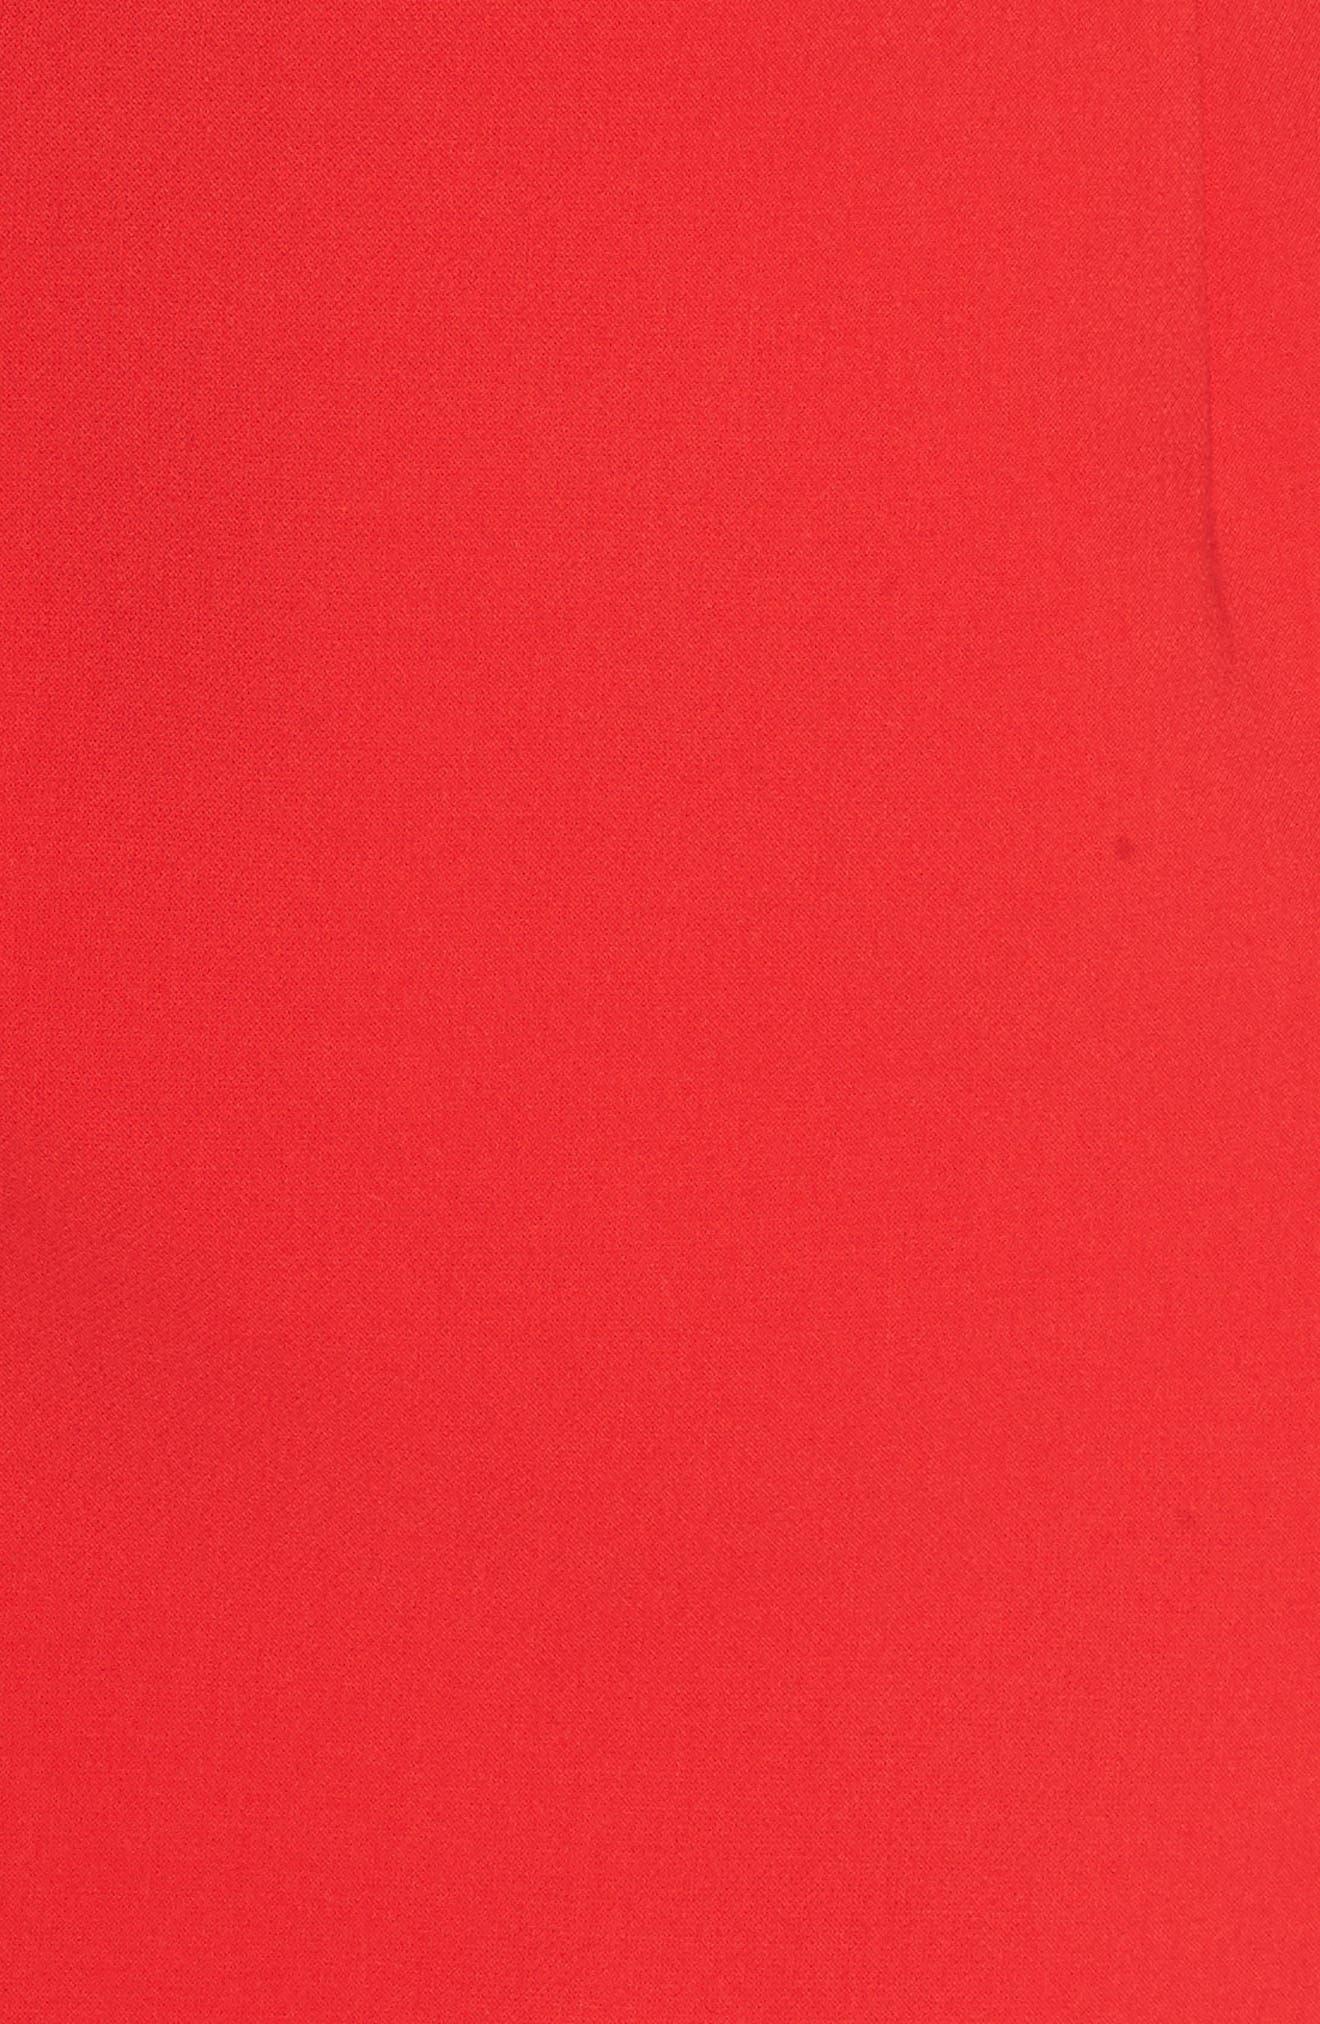 Whisper Light Sheath Dress,                             Alternate thumbnail 6, color,                             ROYAL SCARLETT